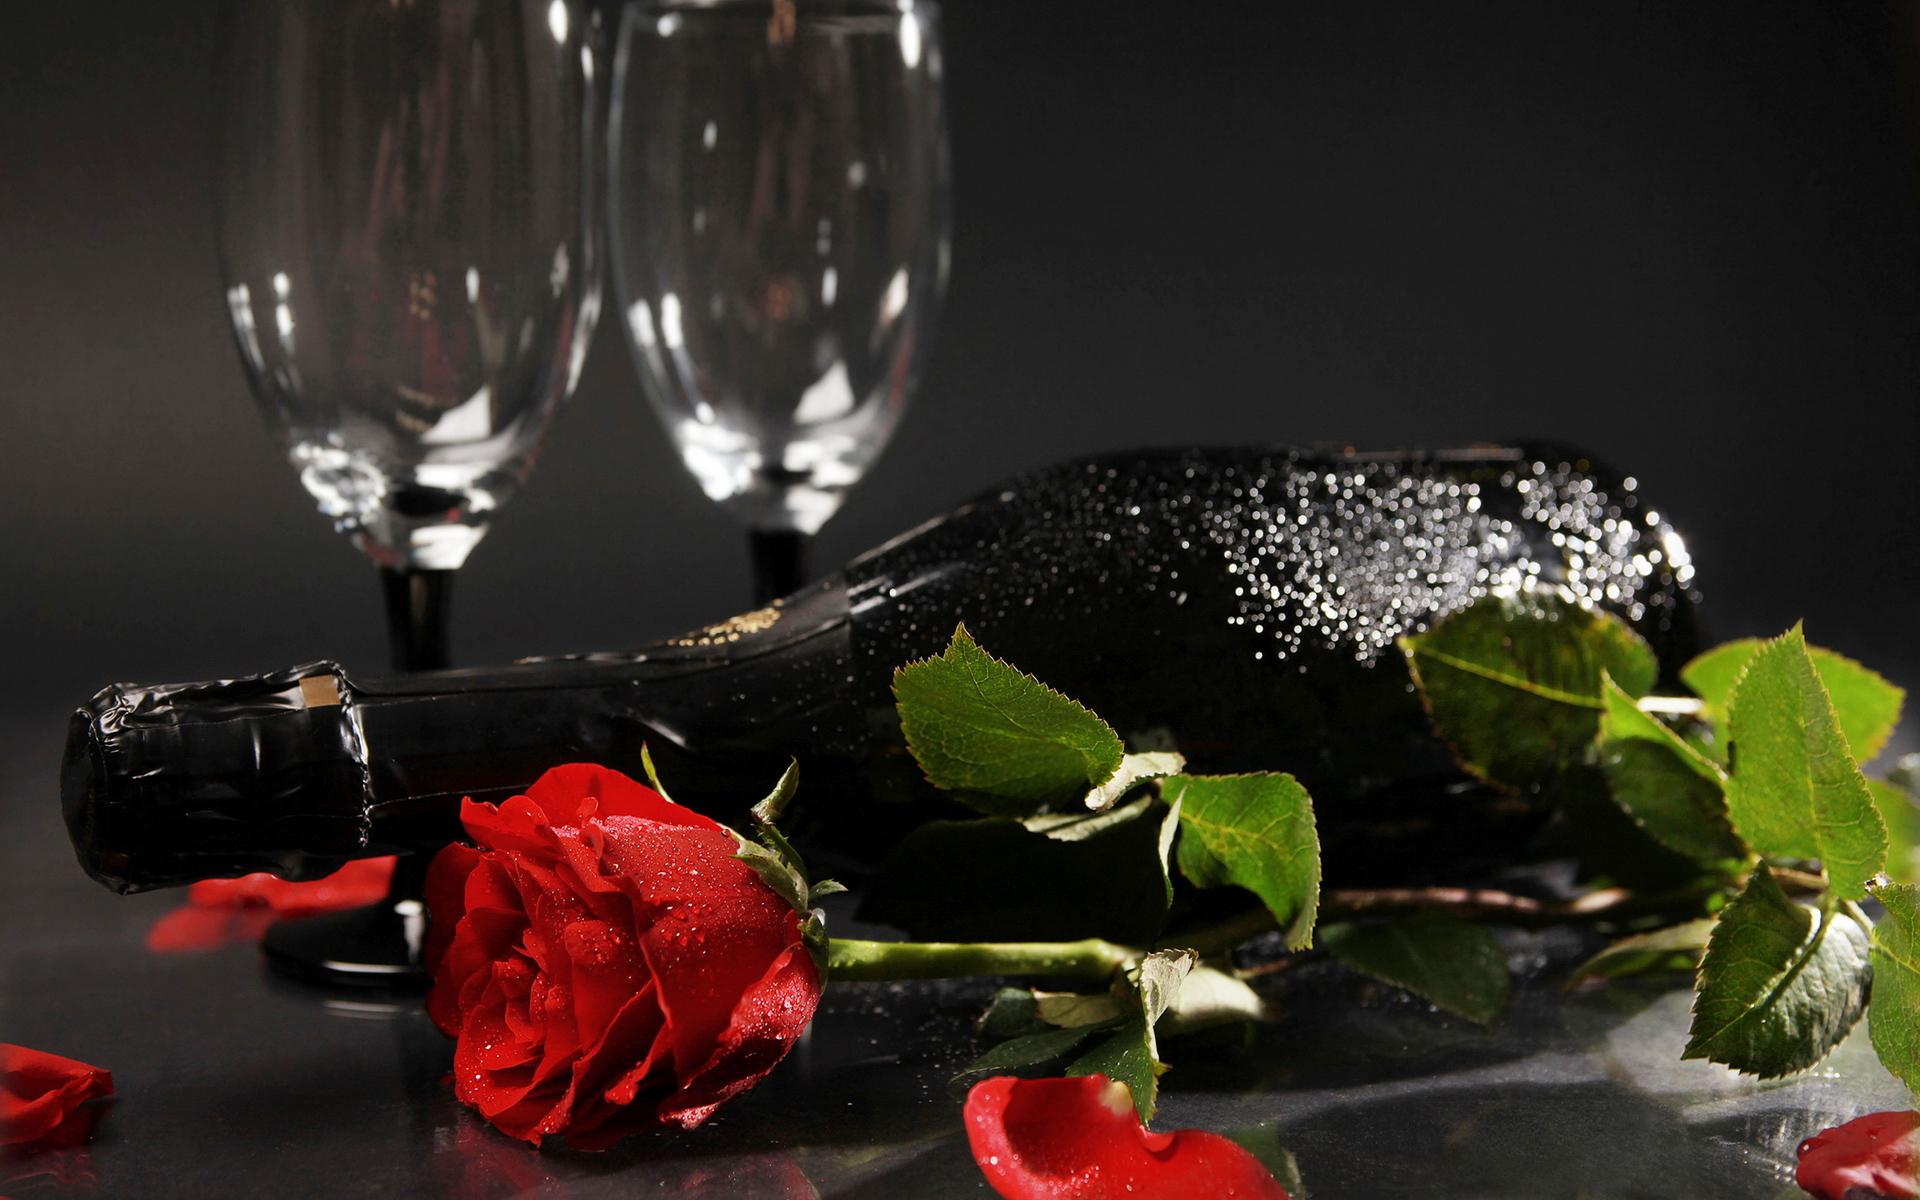 Два бокала с розами  № 750247 загрузить